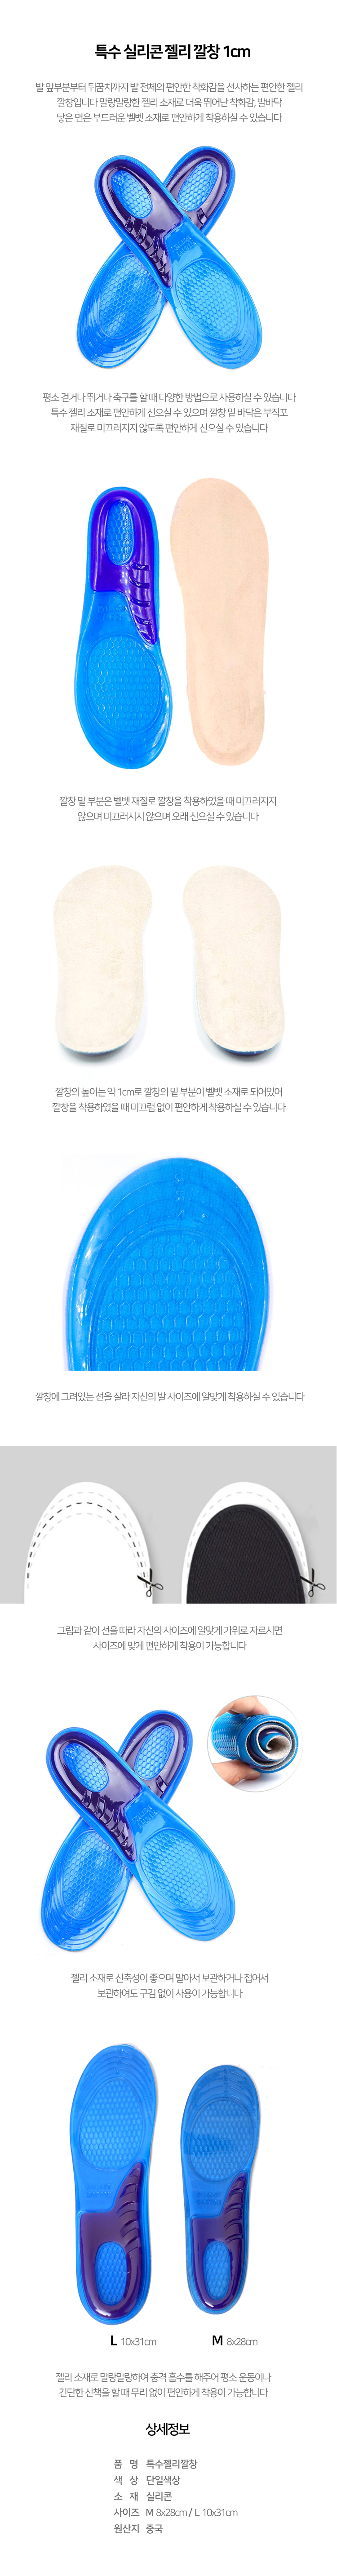 실리콘 러닝 젤리깔창 - 쿠닌, 13,400원, 신발소품, 패드/깔창